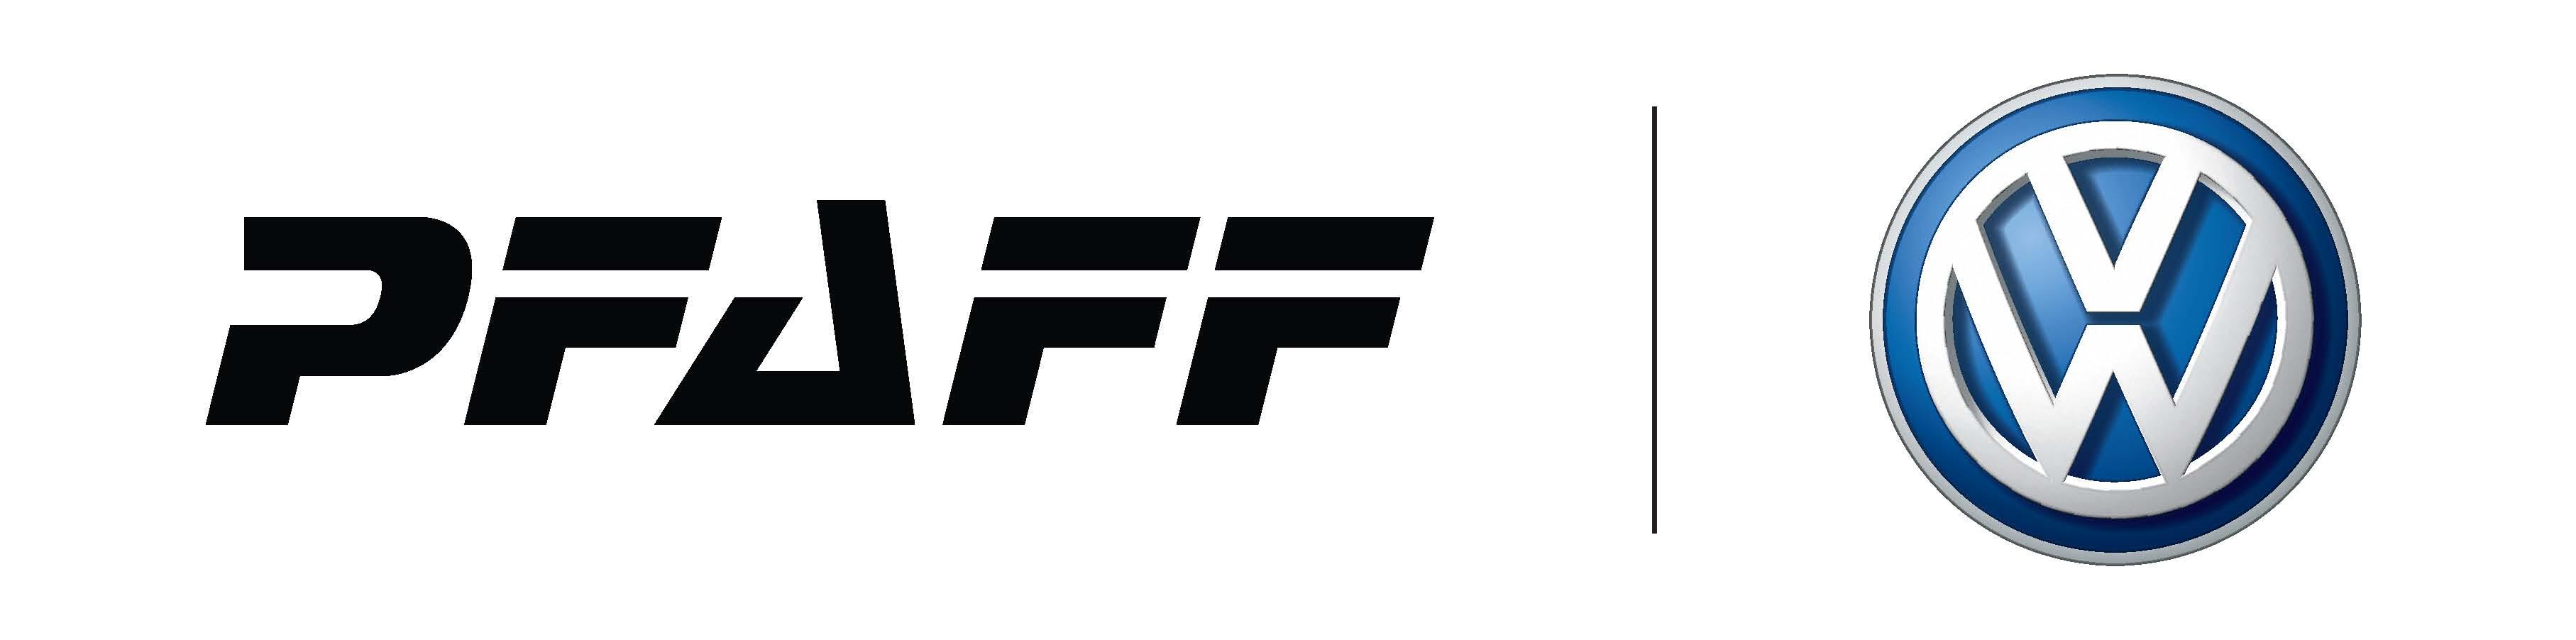 H.J. Pfaff Volkswagen